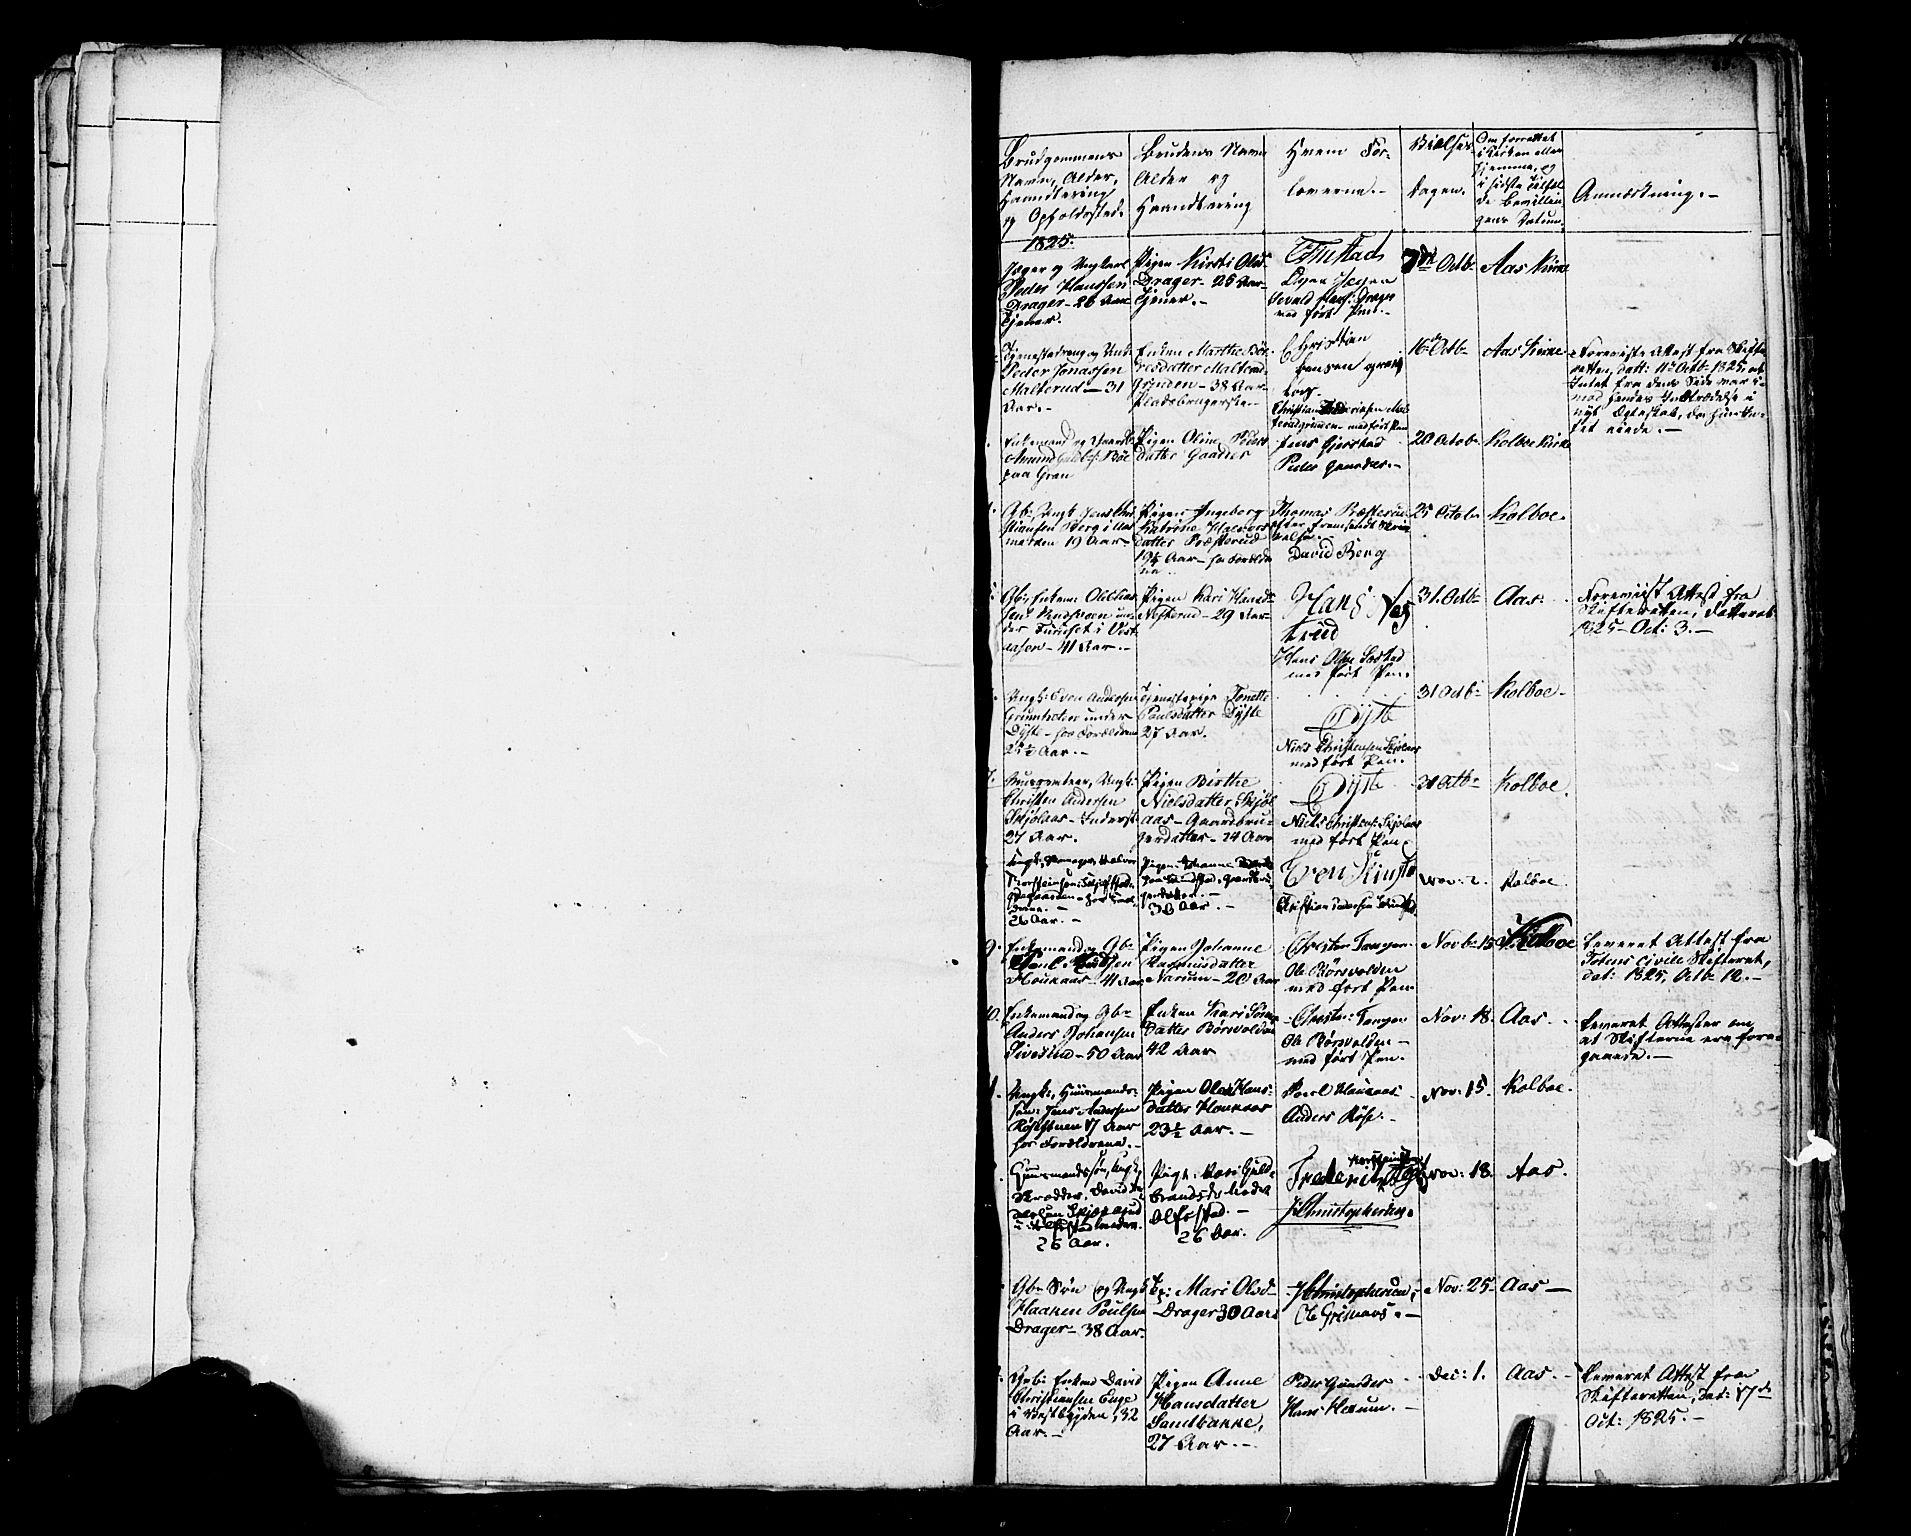 SAH, Vestre Toten prestekontor, Ministerialbok nr. 1, 1825-1826, s. 25